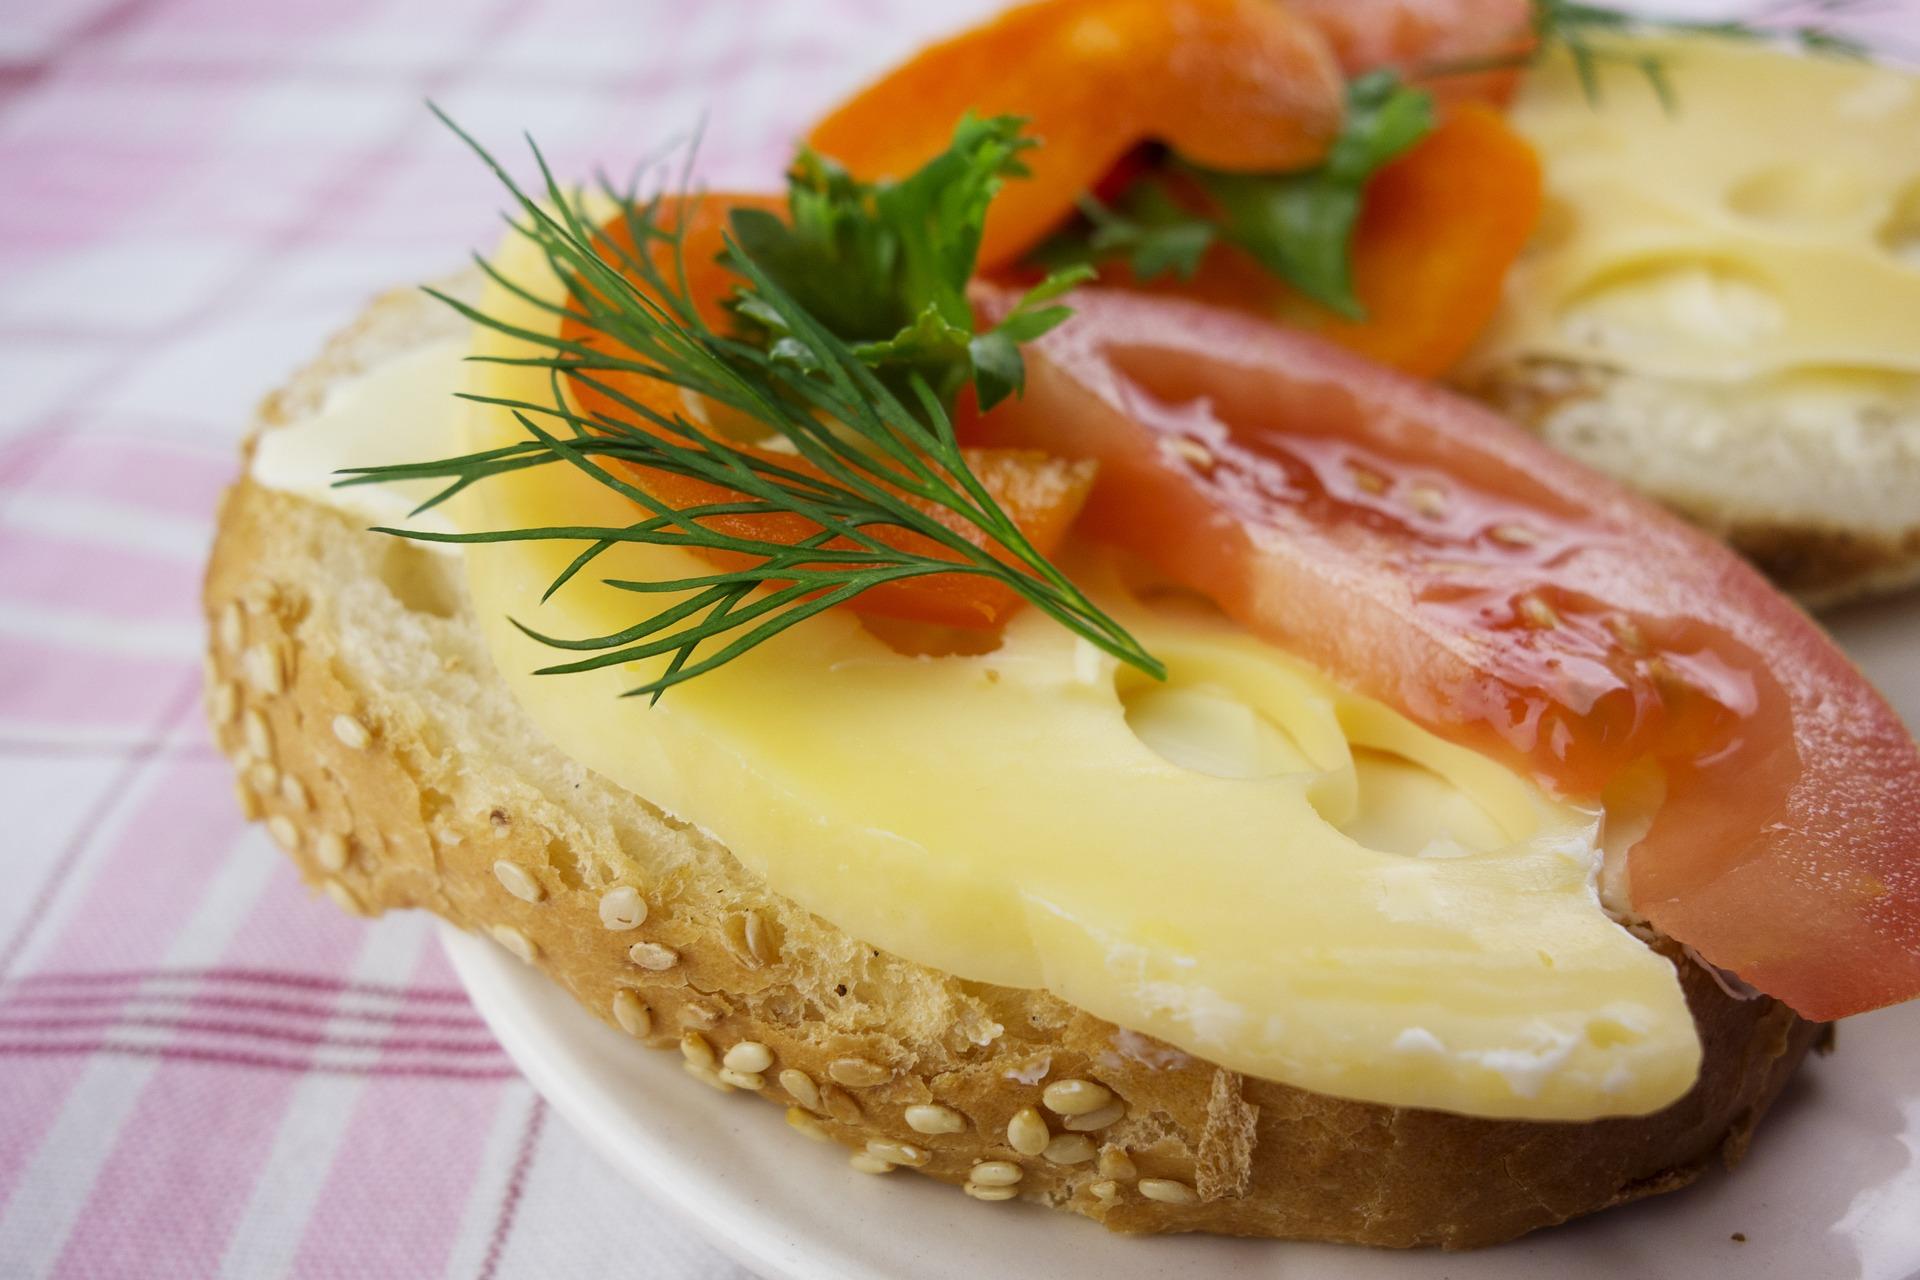 food-1359495_1920.jpg